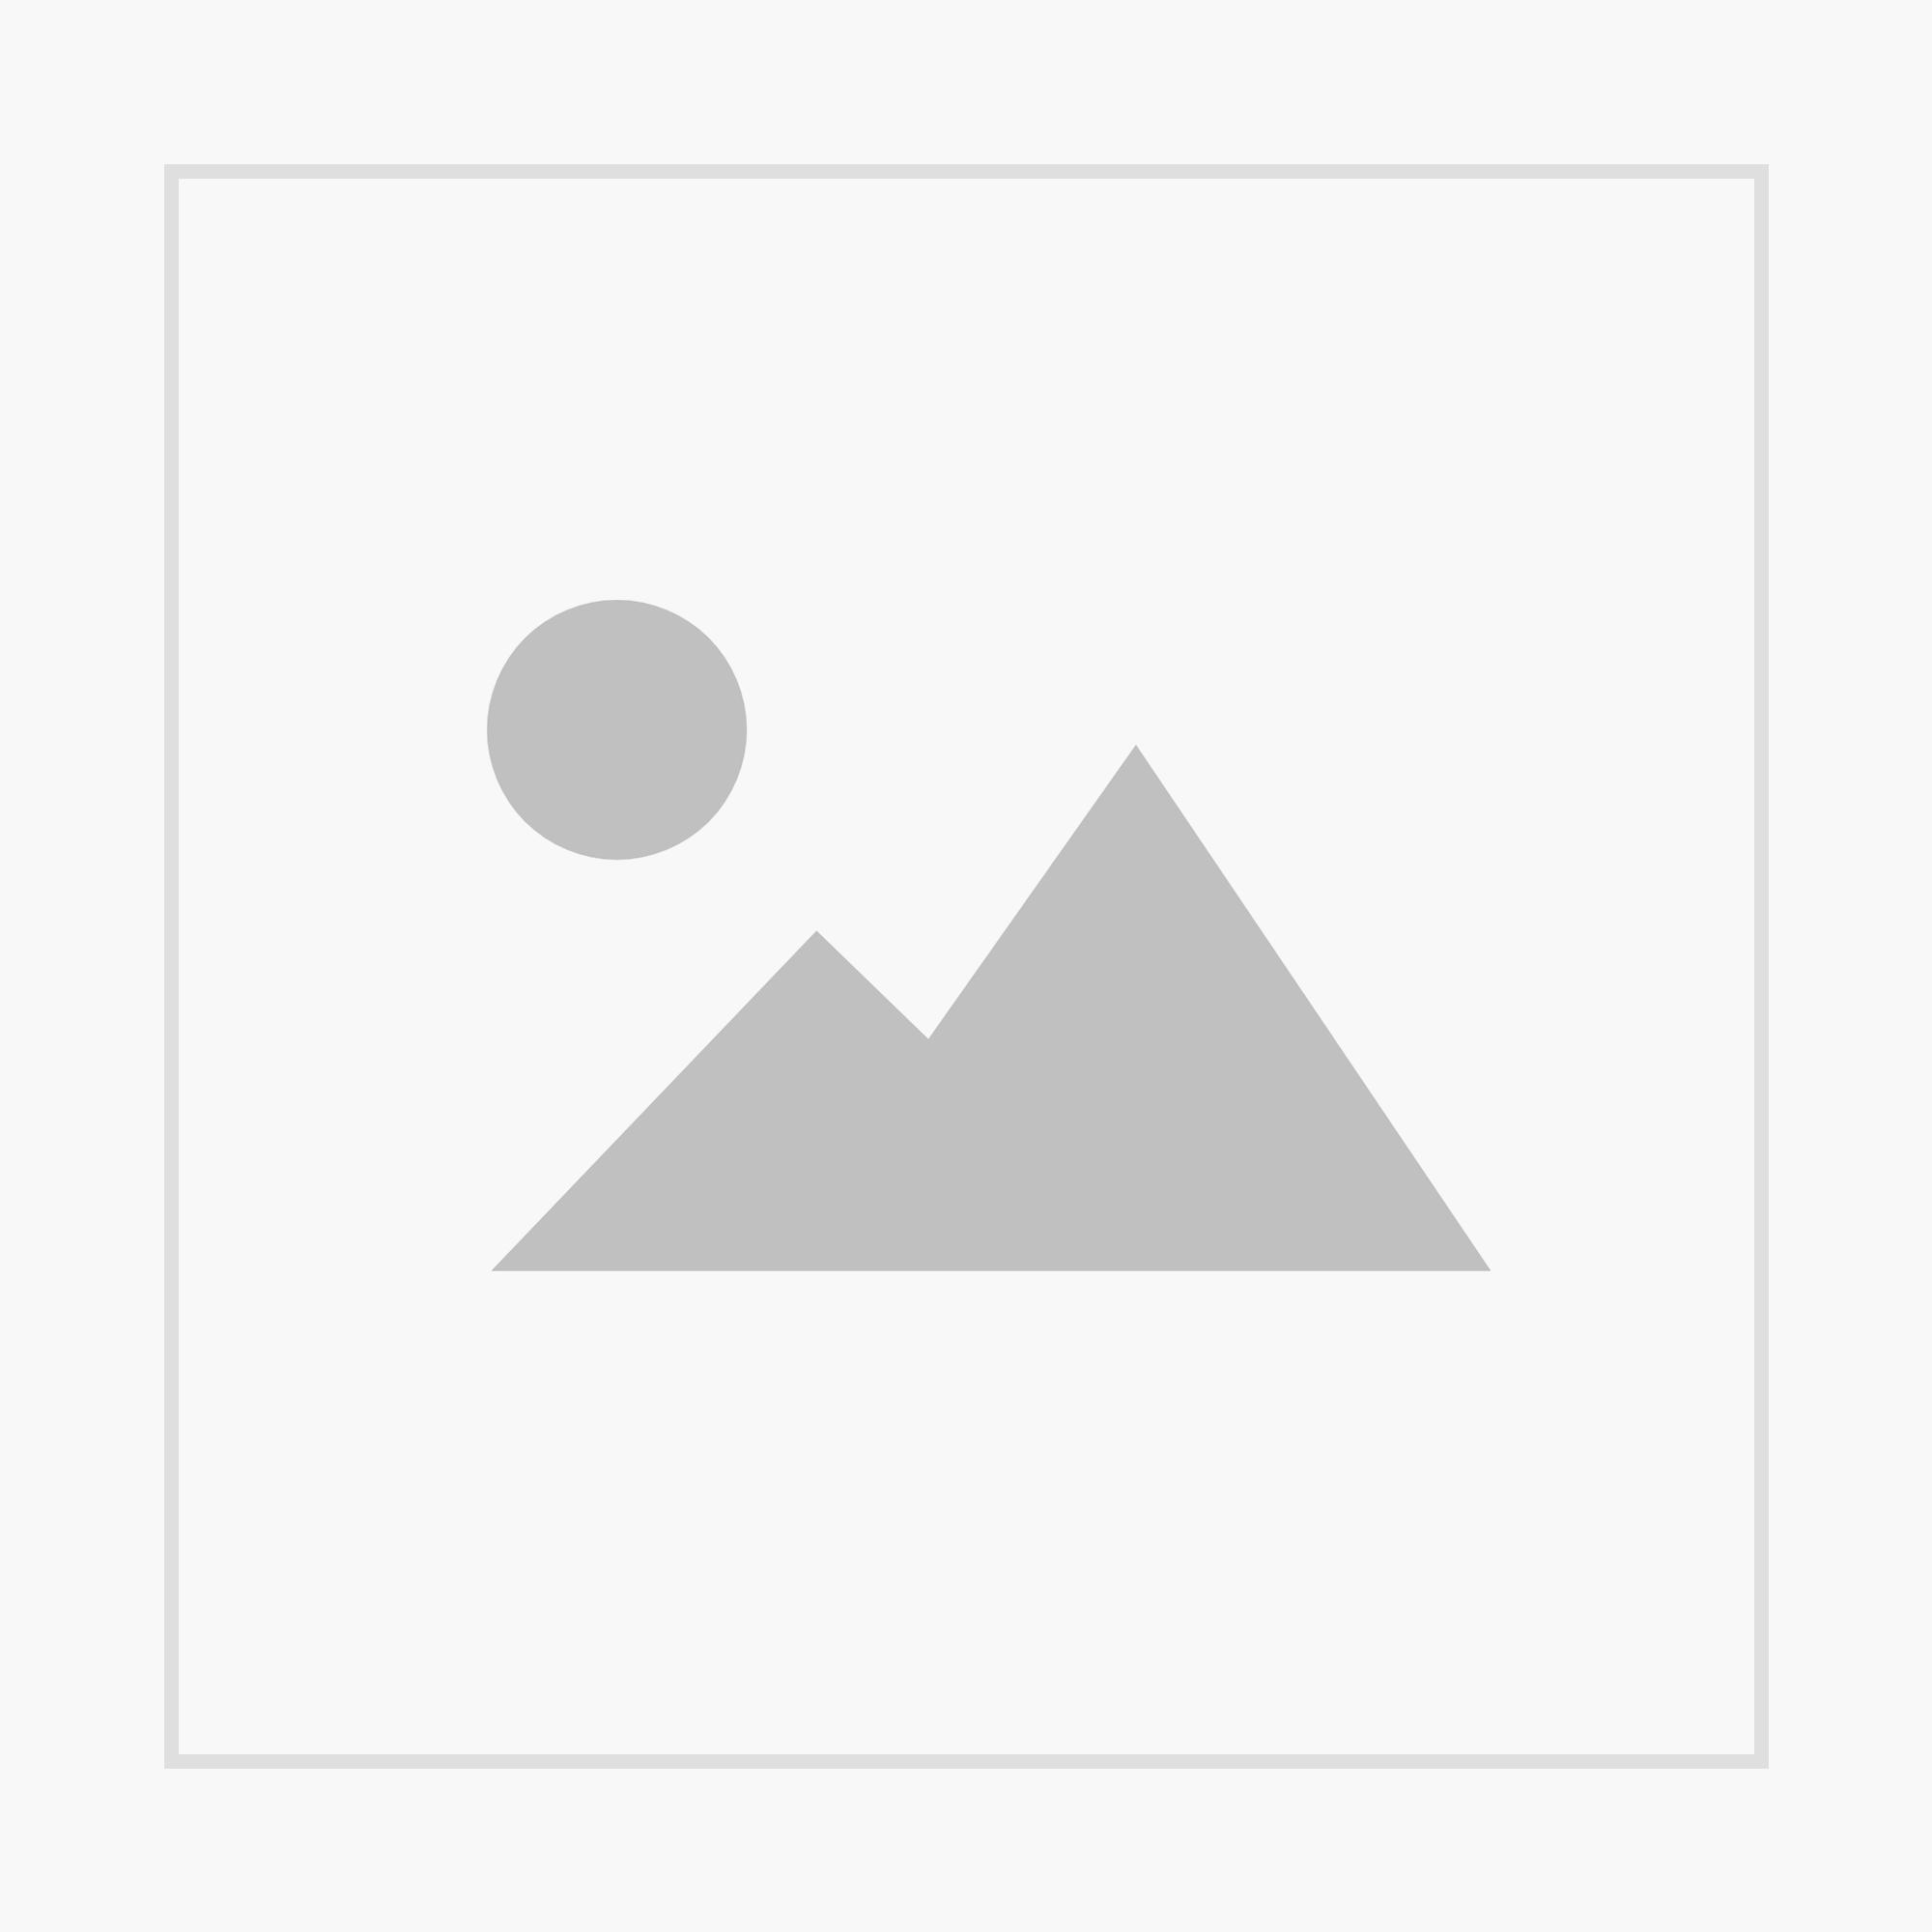 LuN Heft 50/1: Naturschutzfachliche Landschafts-Leitbilder. Rahmenvorstellungen für das Nordwestdeutsche Tiefland aus bundesweiter Sicht